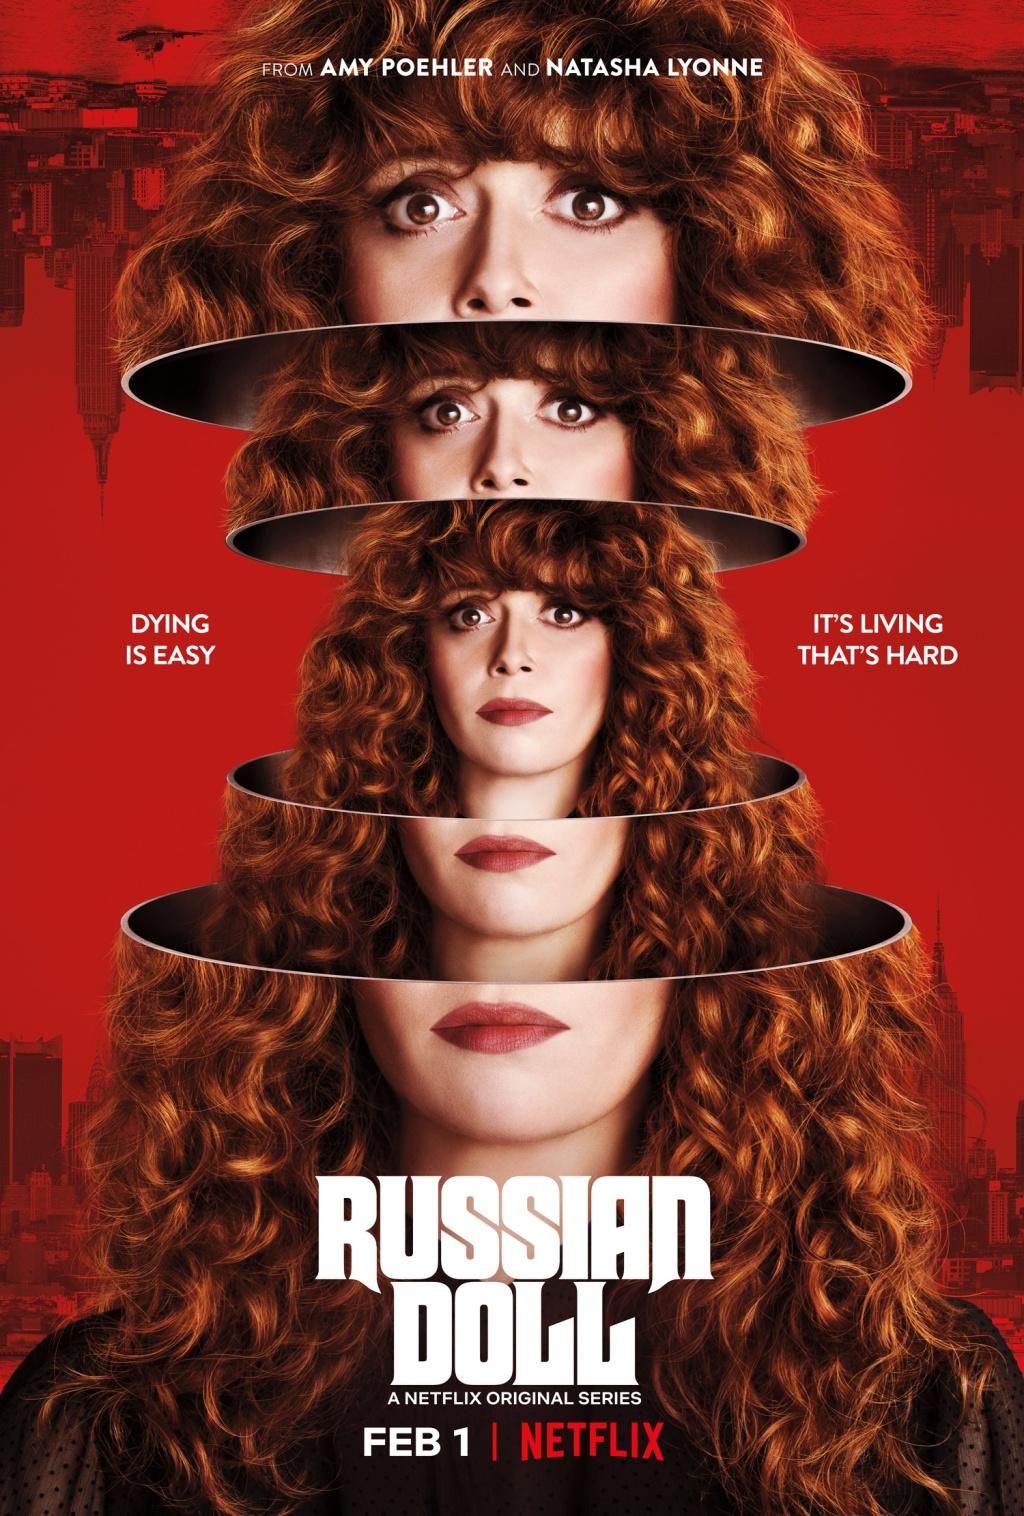 Poupée Russe de Natasha Lyonne, Amy Poehler et Leslye Headland : l'Éternel retour